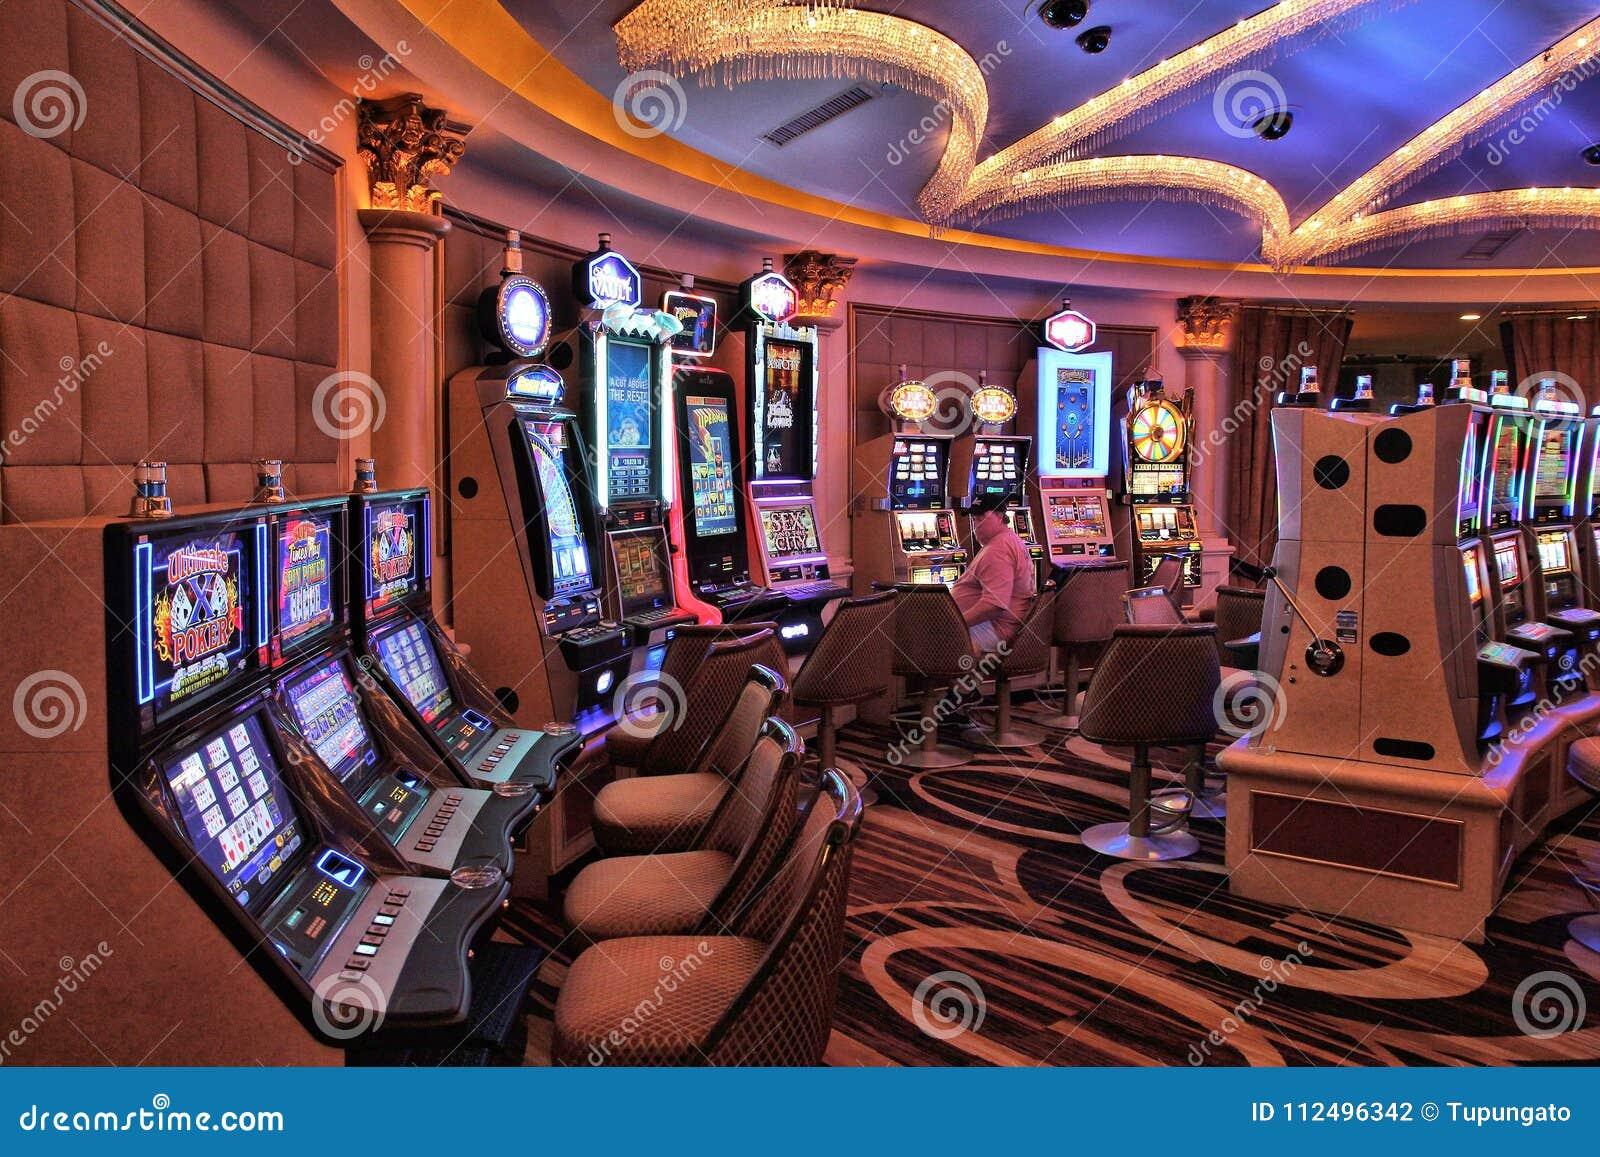 Las Vegas Slot Machines Caesar